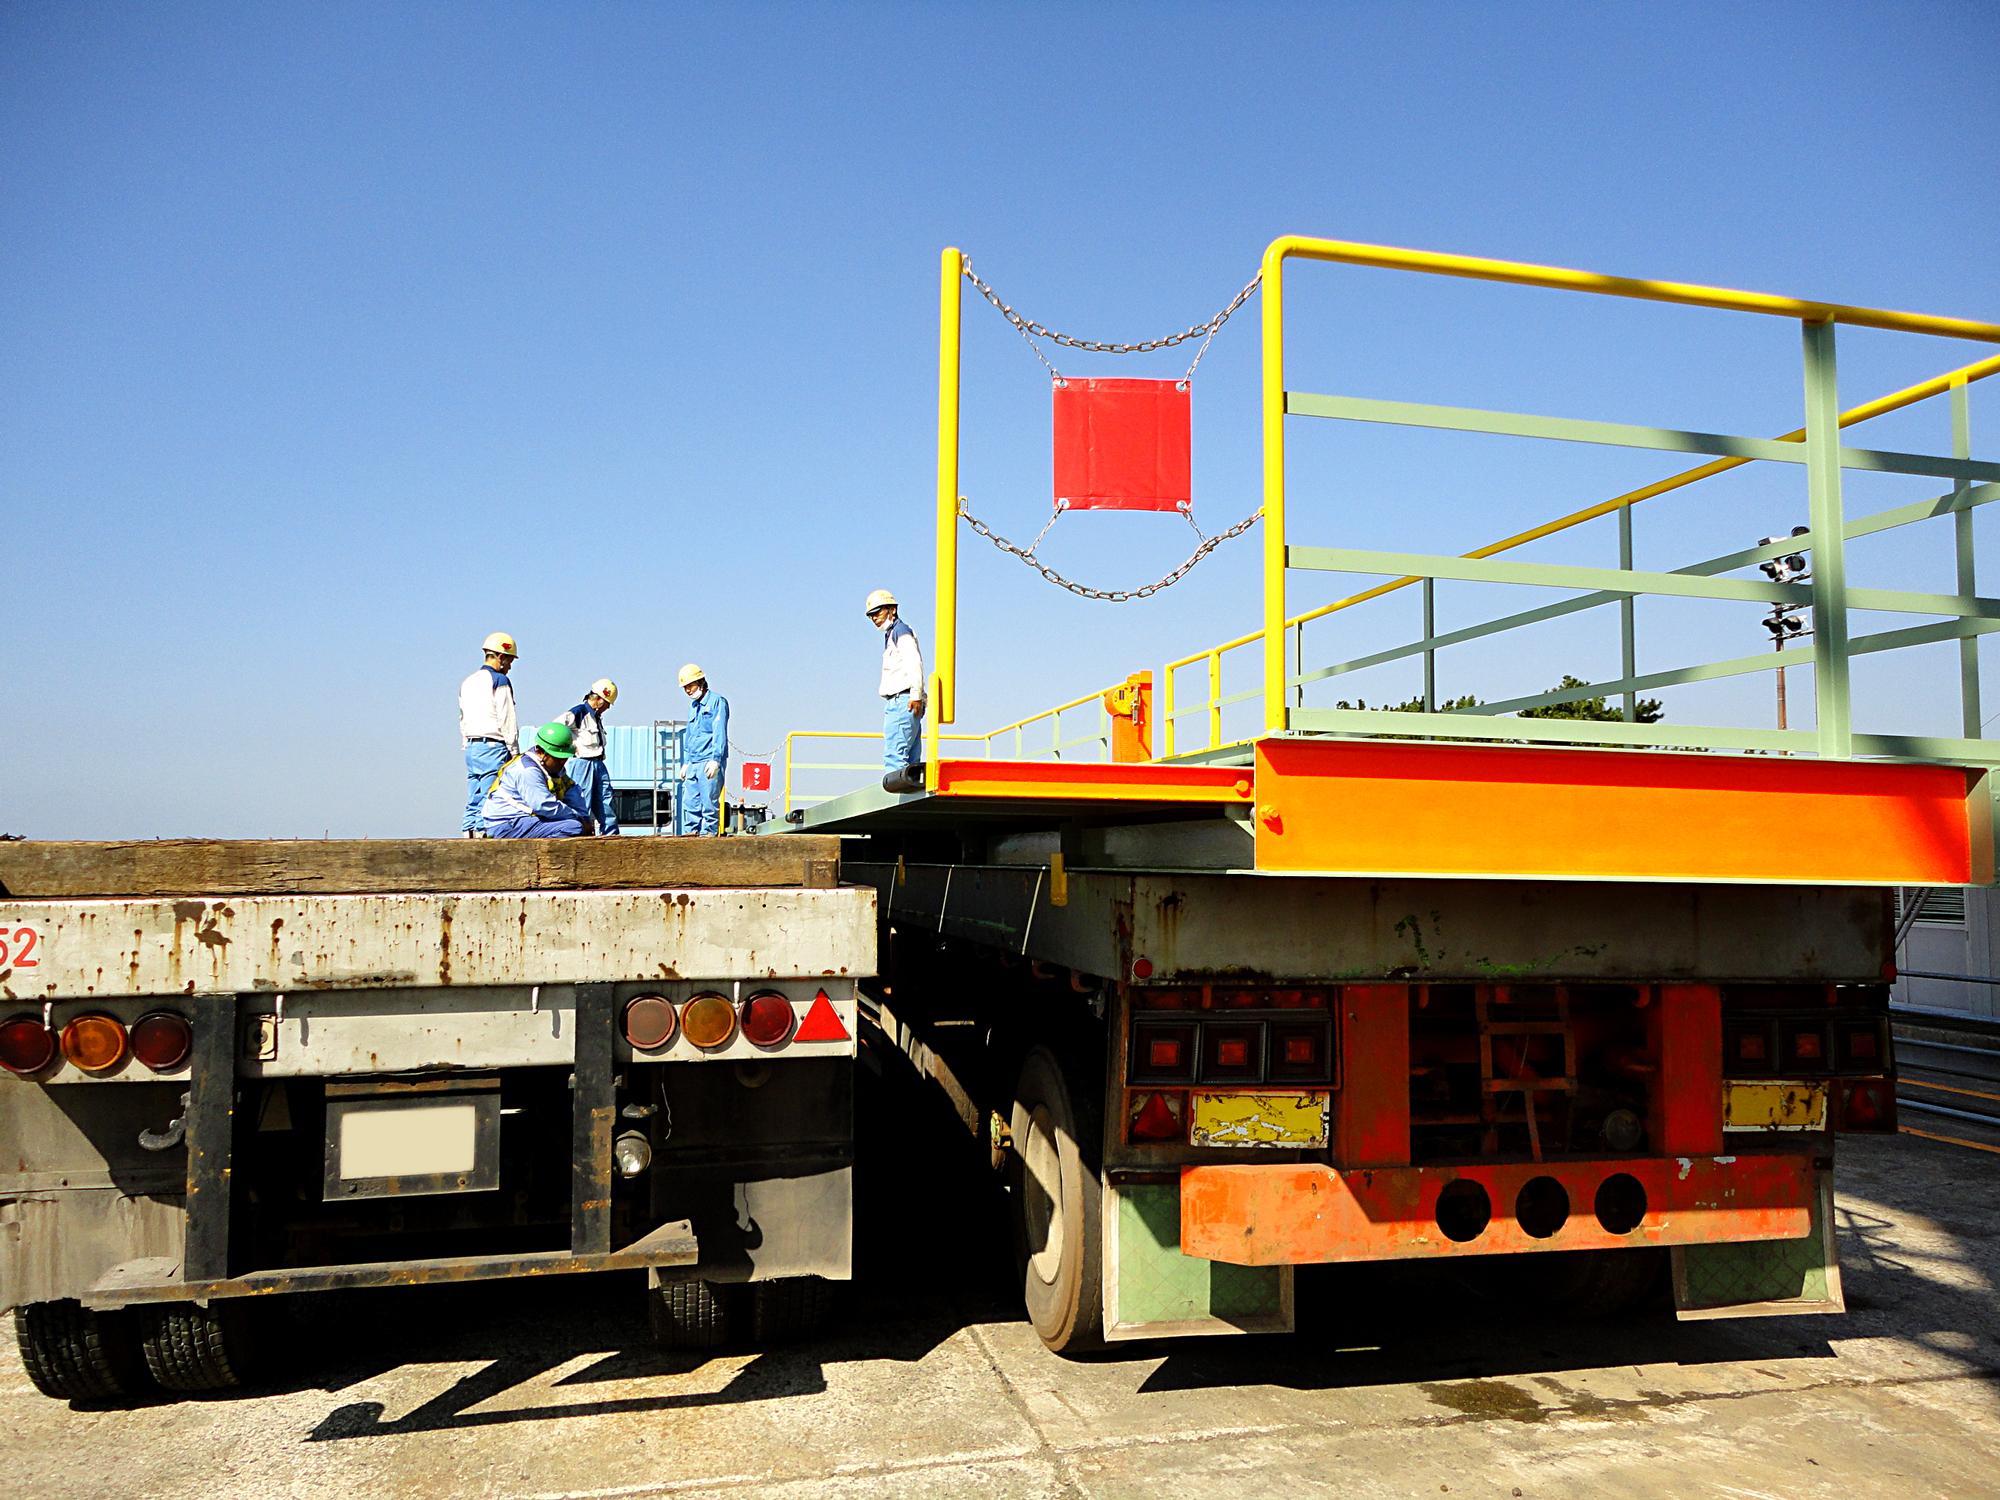 荷役業務における各種安全対策機器、安全作業台の設計・製作、クレーンの改造・補修・点検 大阪、大正区の大和電機工業の転落防止設備